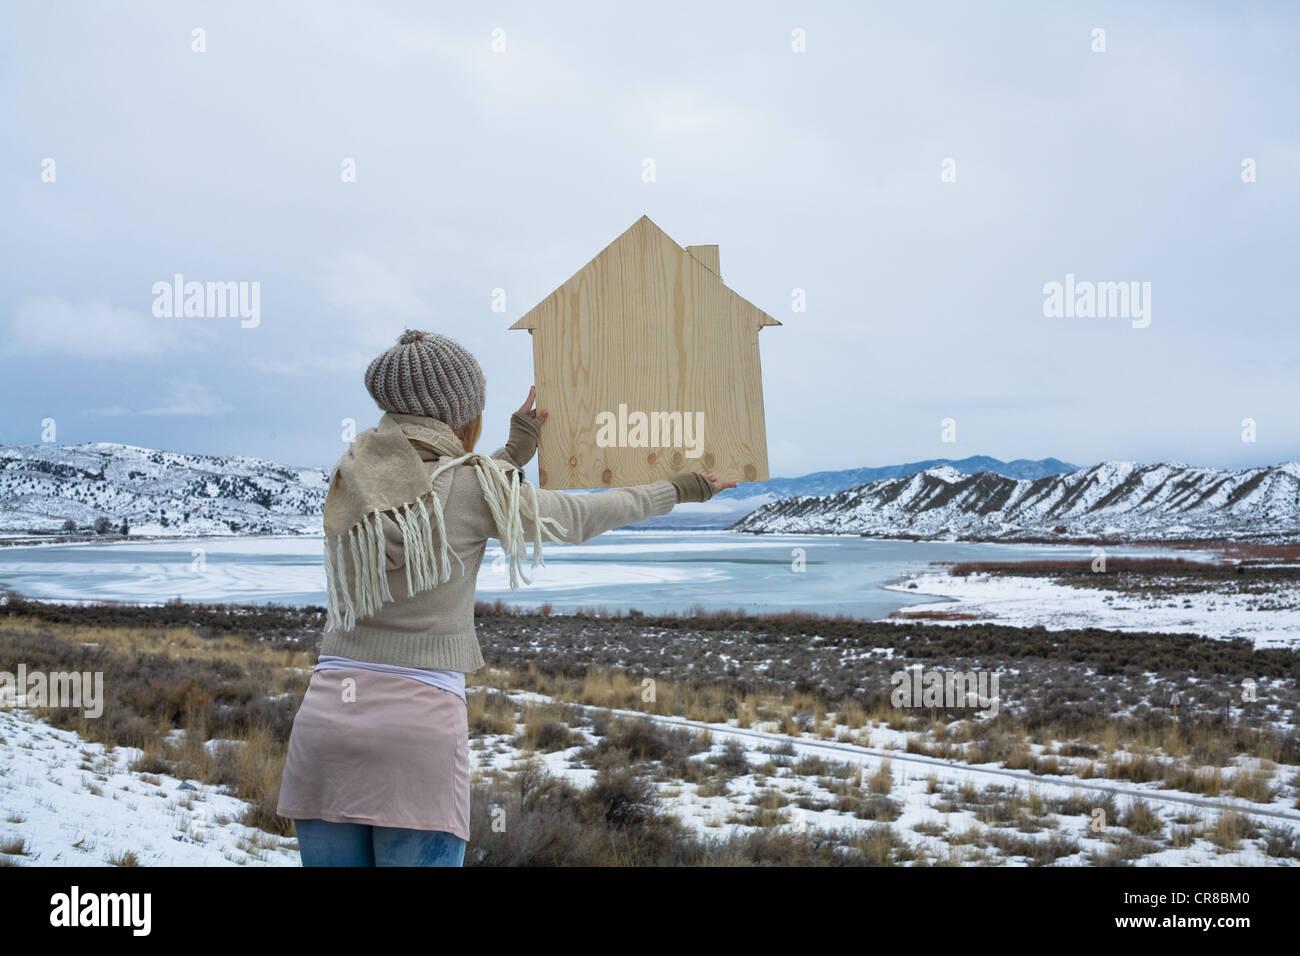 La donna nel paesaggio panoramico con sagoma in legno di una casa Immagini Stock